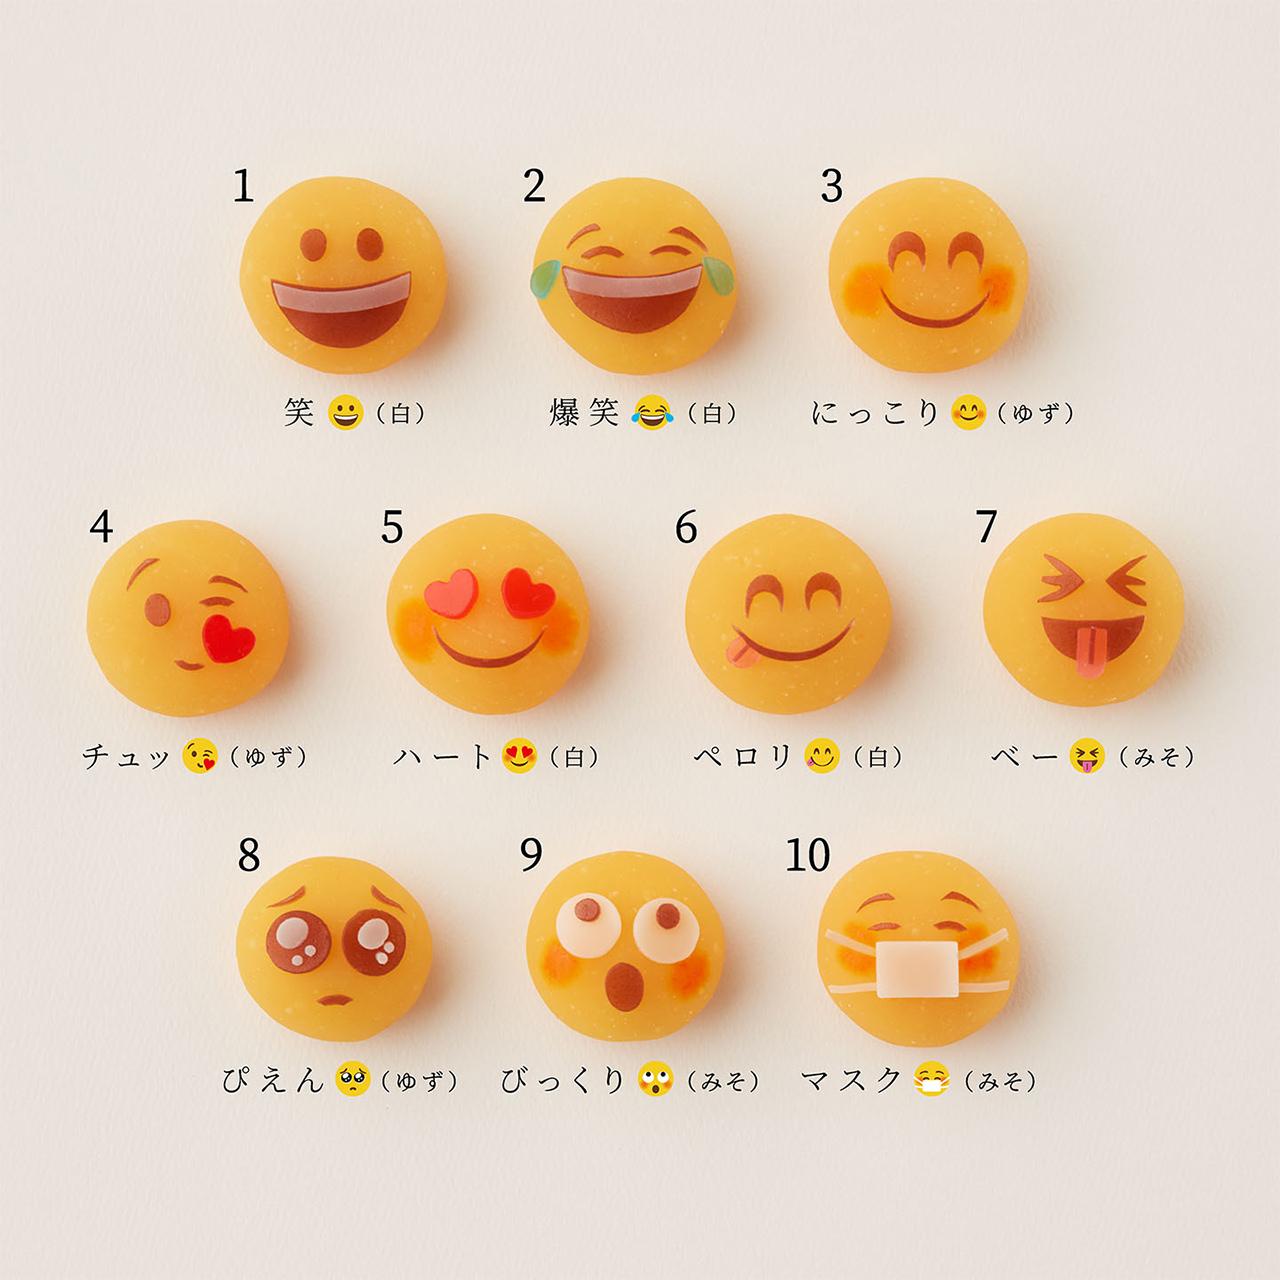 ขนมวากาชิคอลเลคชั่น Emochi มีอีโมจิให้เลือก 10 แบบ